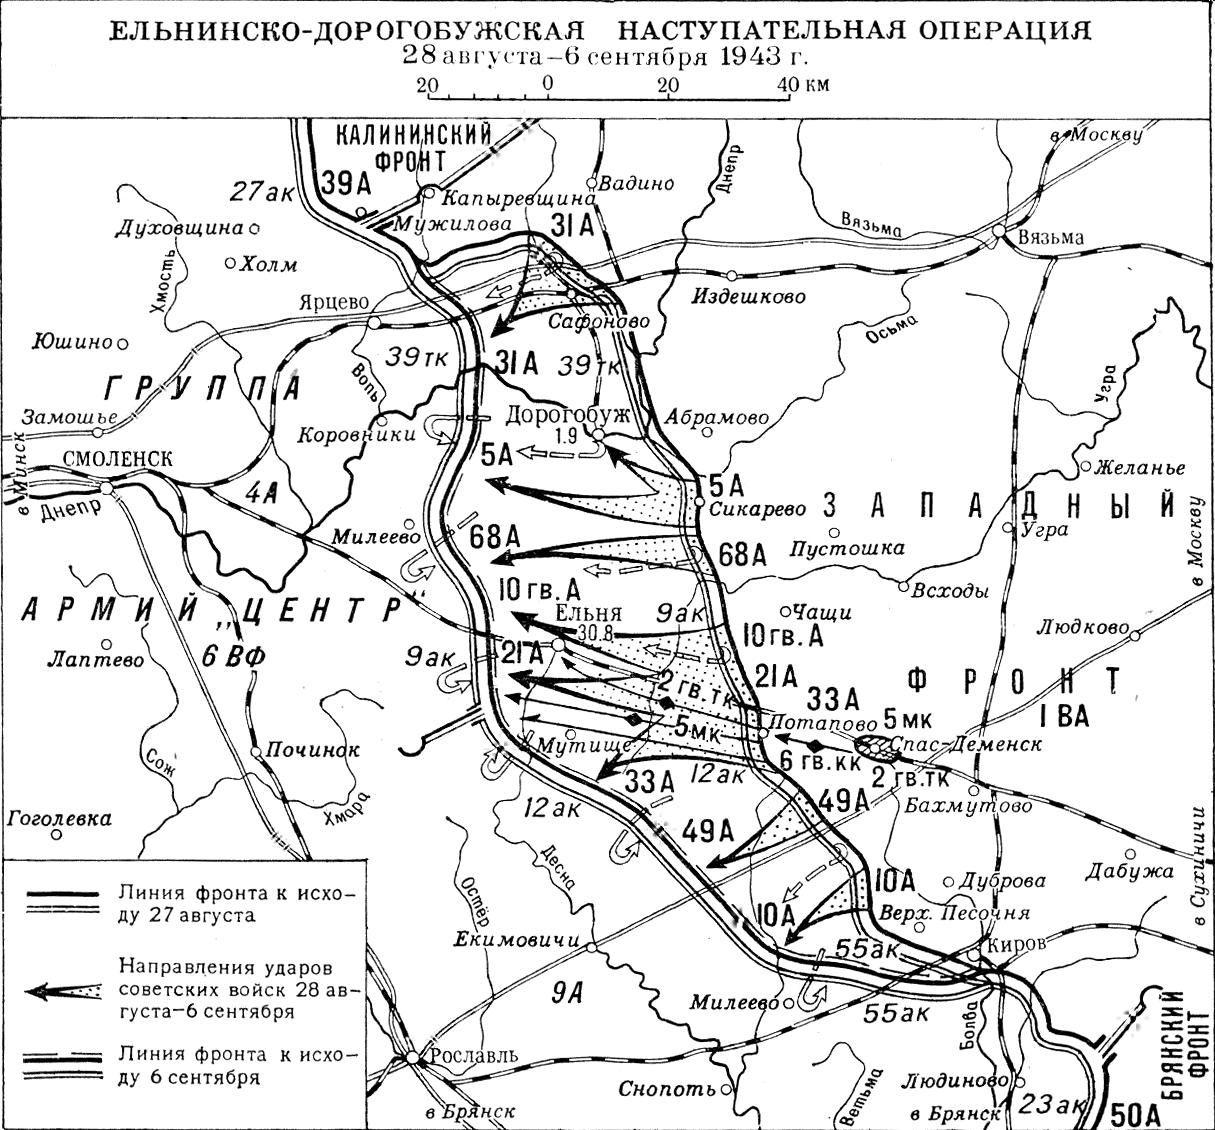 Второй этап Смоленской операции начался 21 августа.  Войска 10-й гвардейской, 21-й и 33-й армий, 2-го гвардейского...